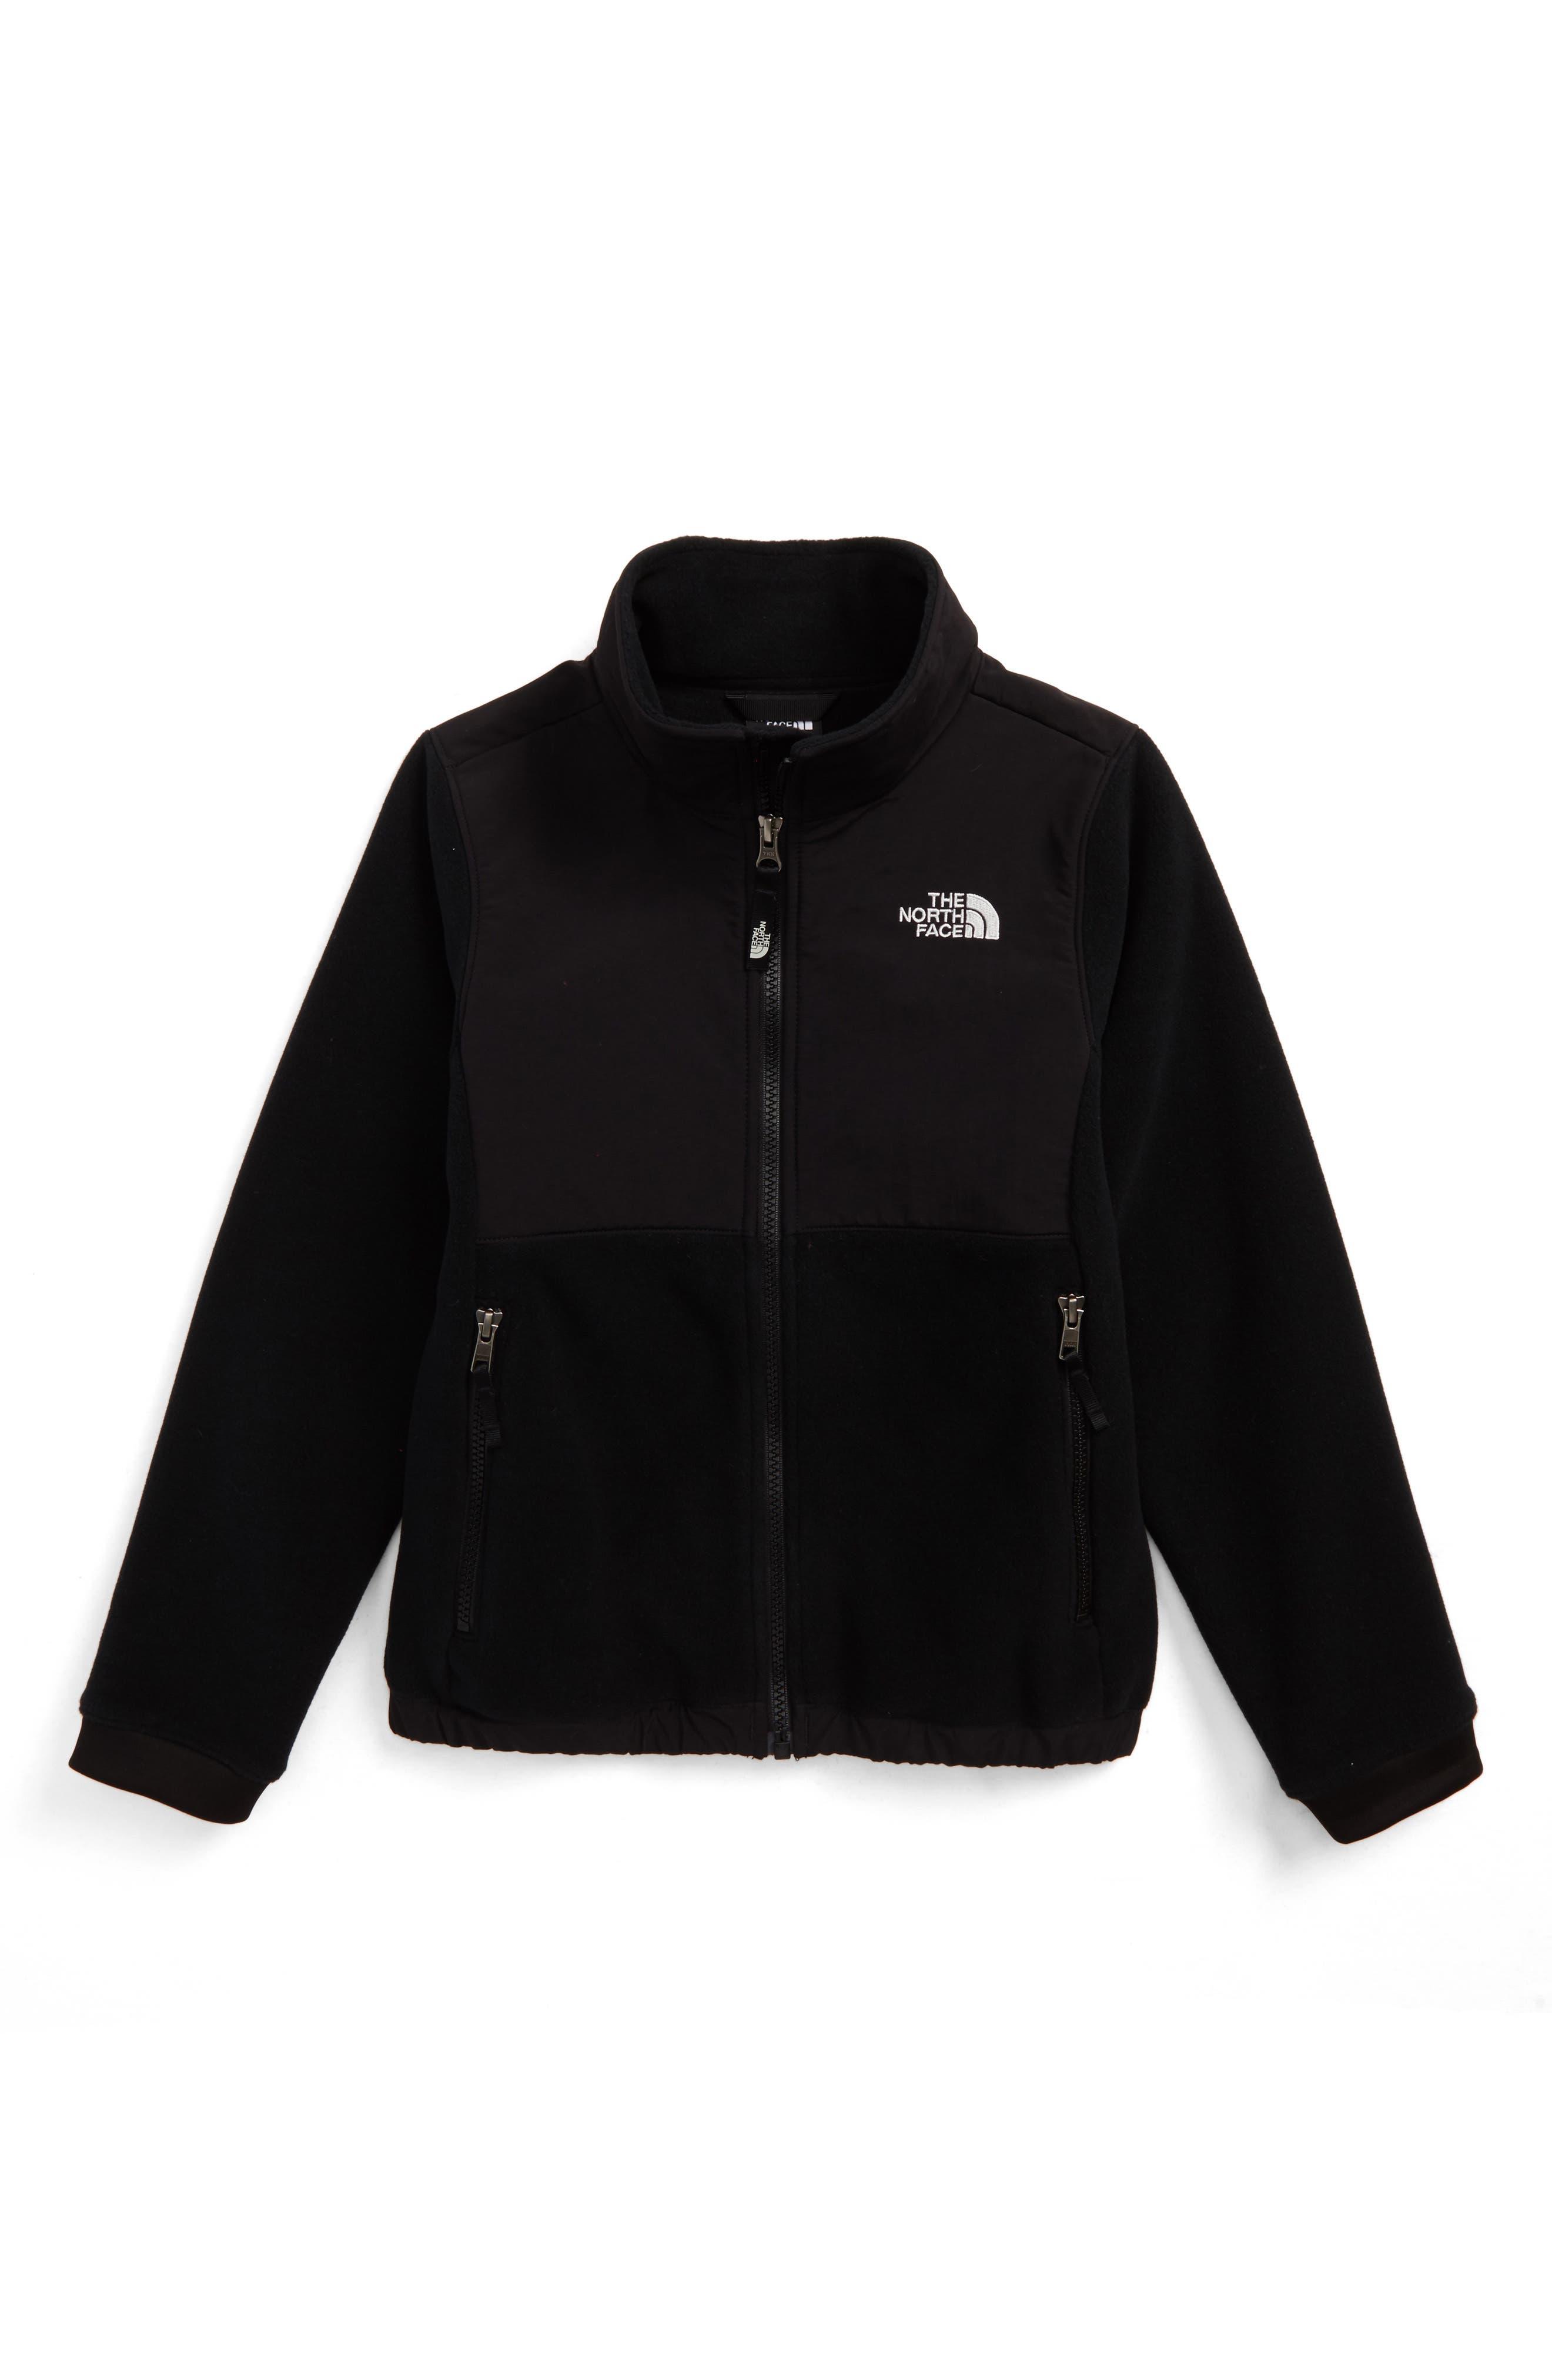 Main Image - The North Face 'Denali' Thermal Jacket (Big Girls)